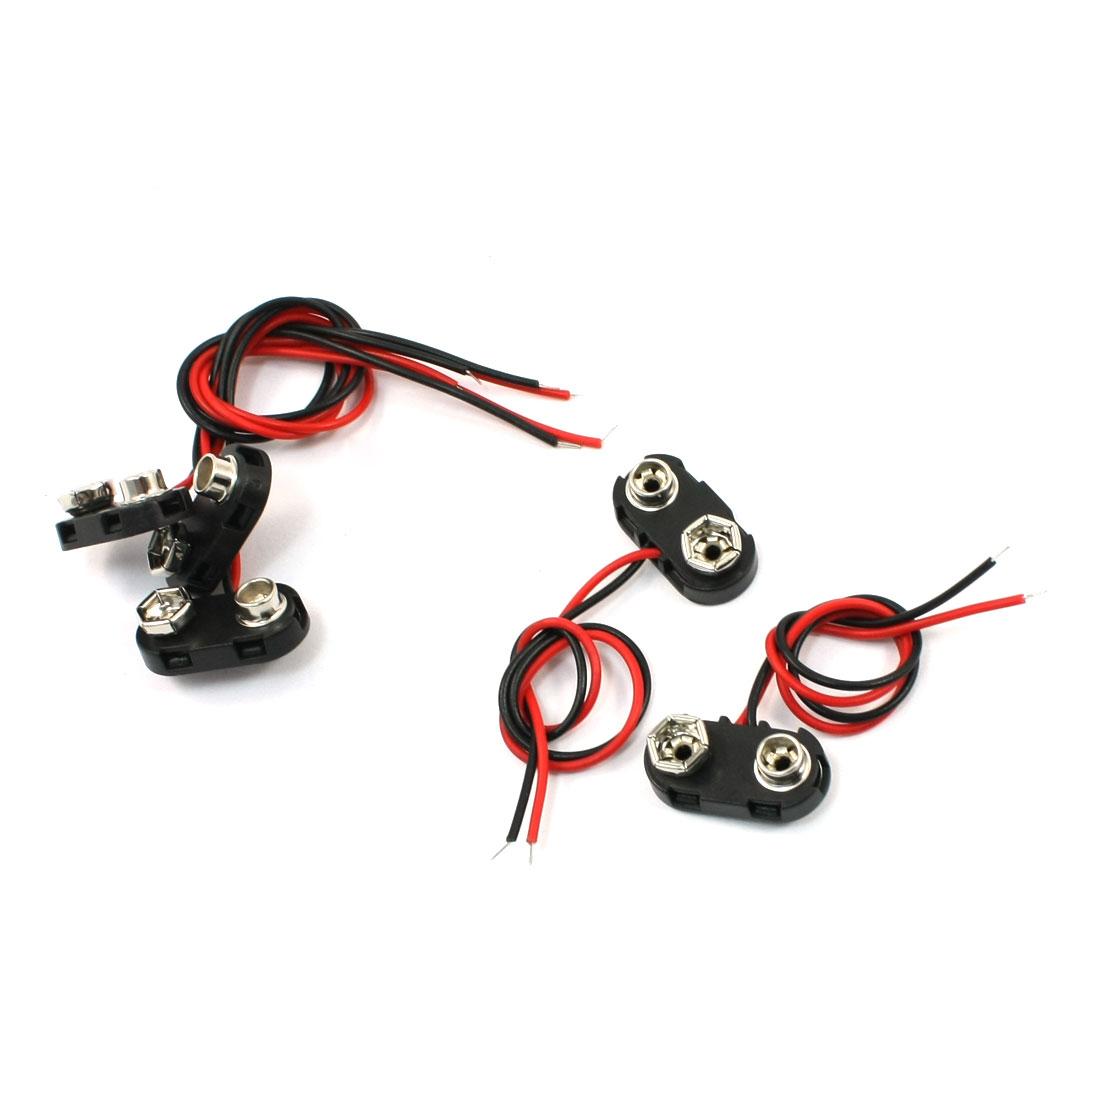 5 Pcs 15cm Double Wires 9V Batteries Clip Connectors Holder Black Red